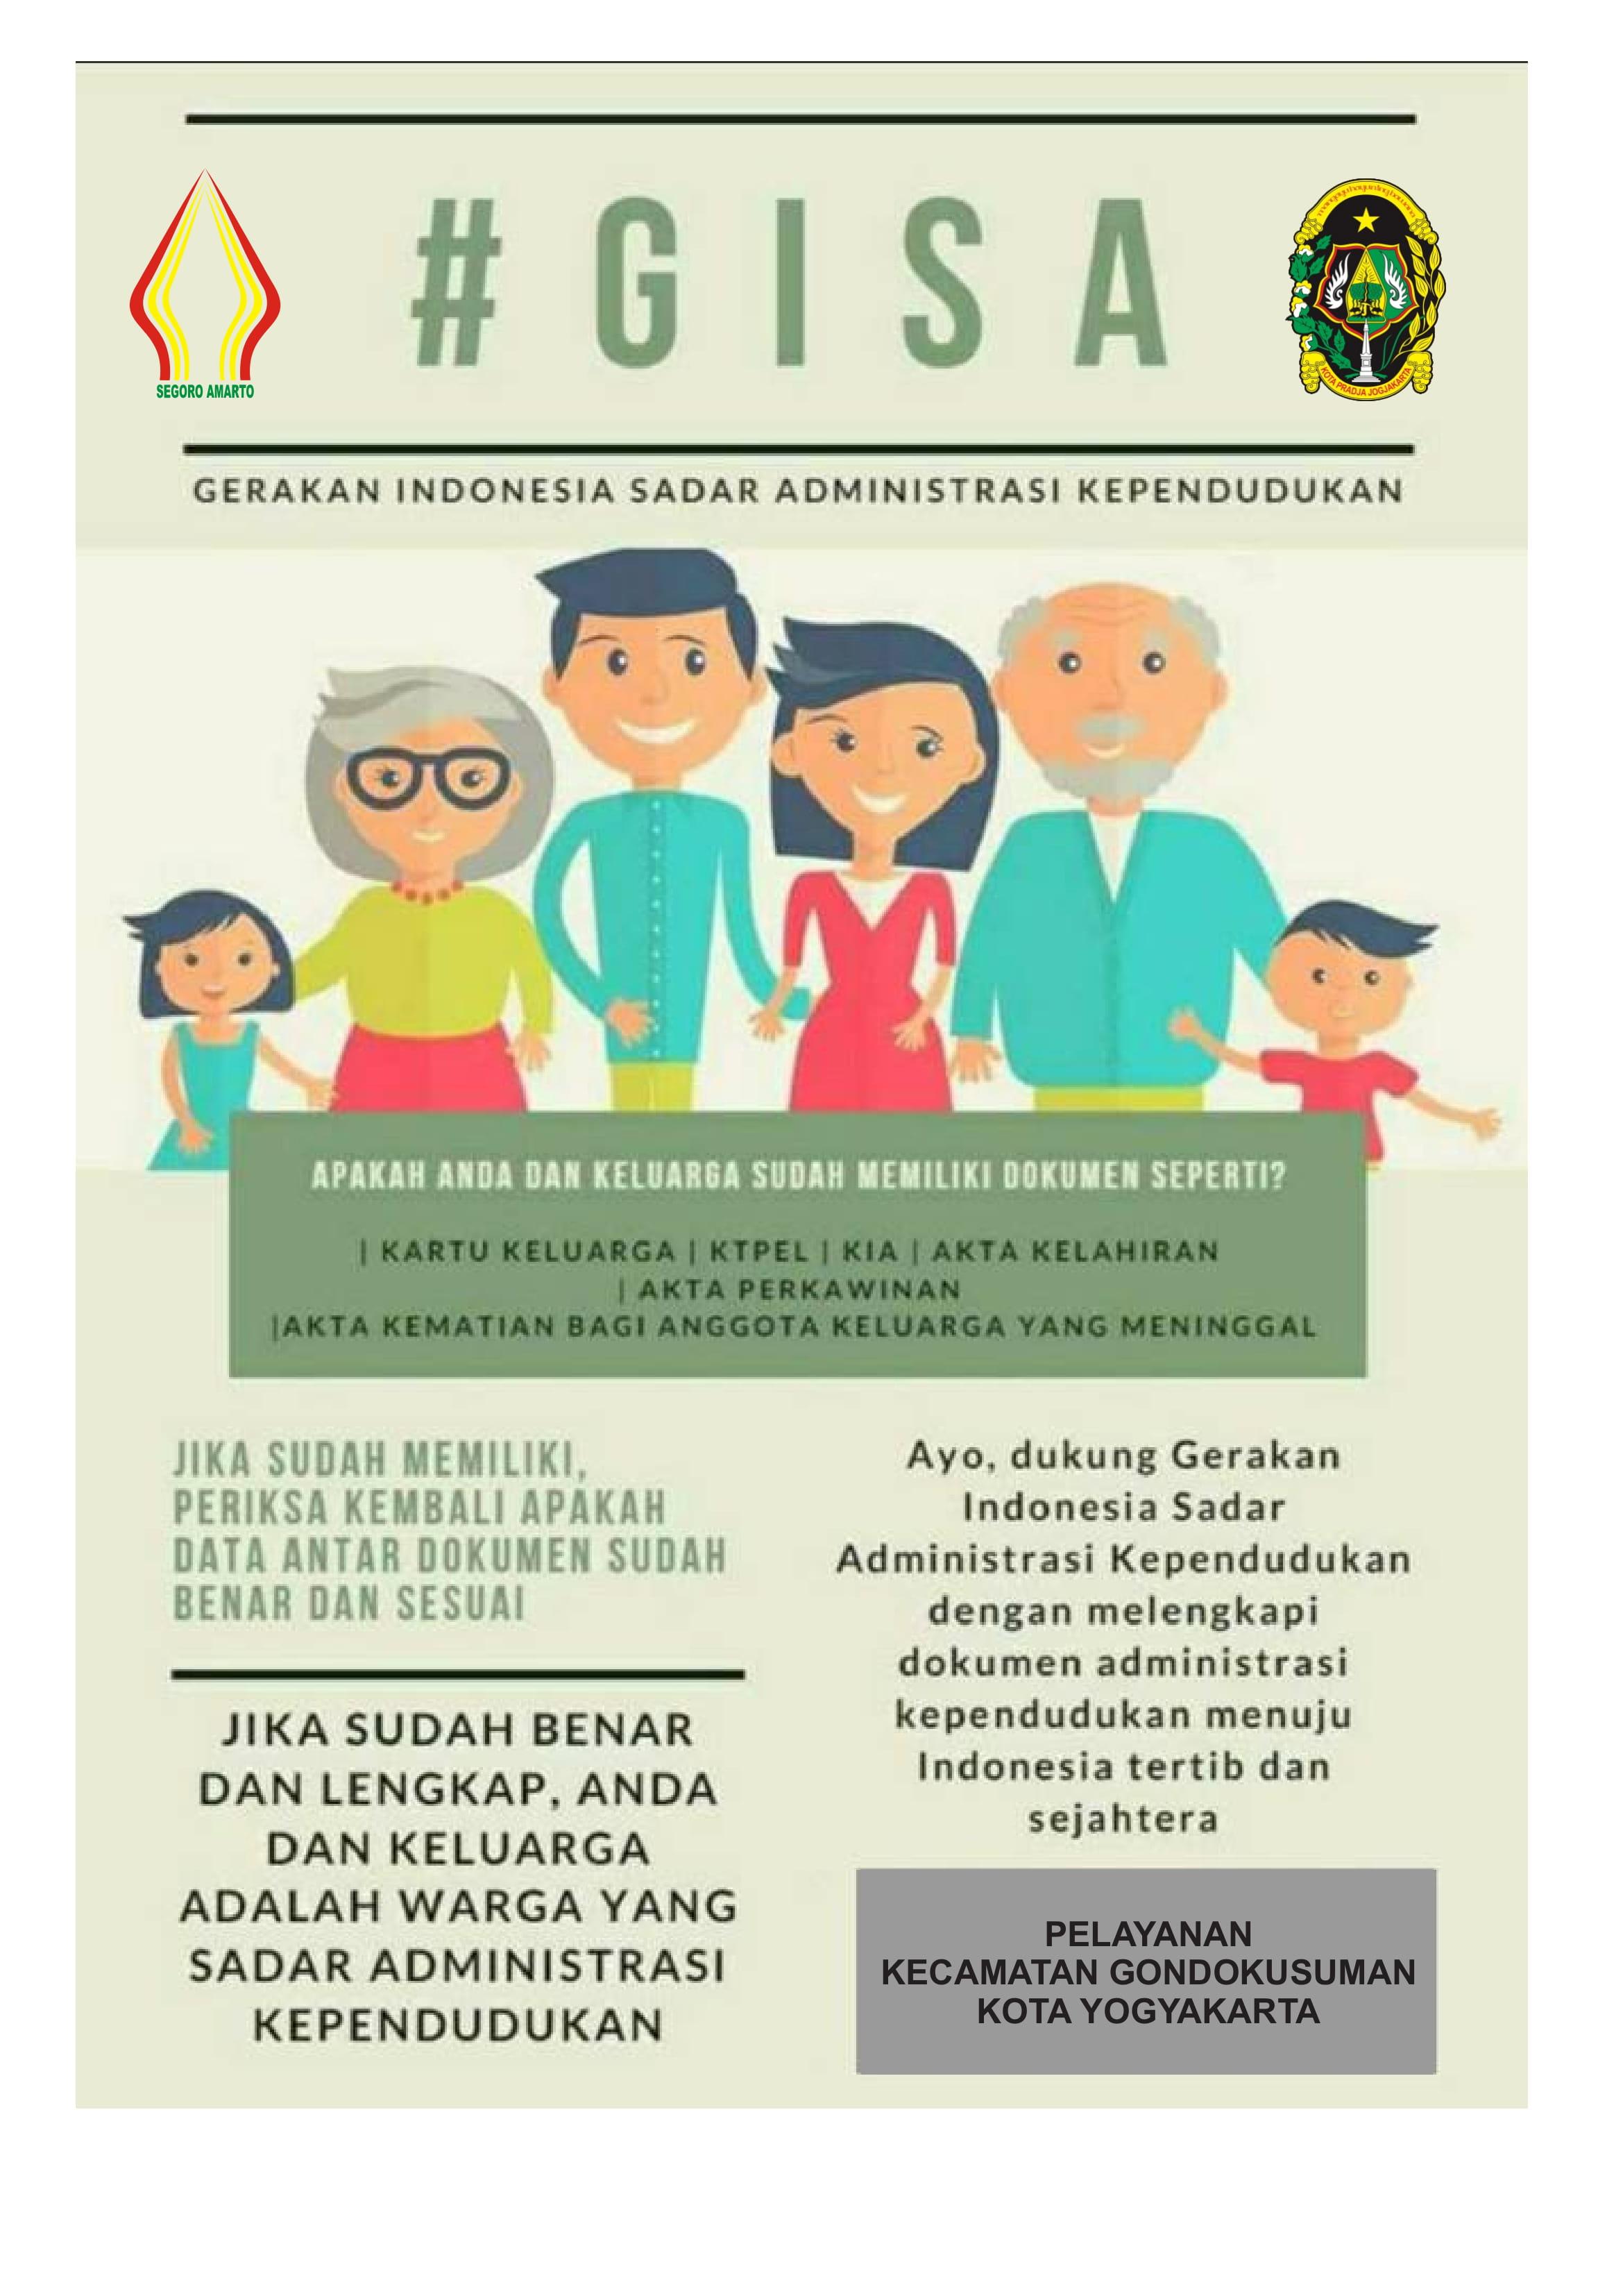 GISA (Gerakan Indonesia Sadar Administrasi Kepedudukan)